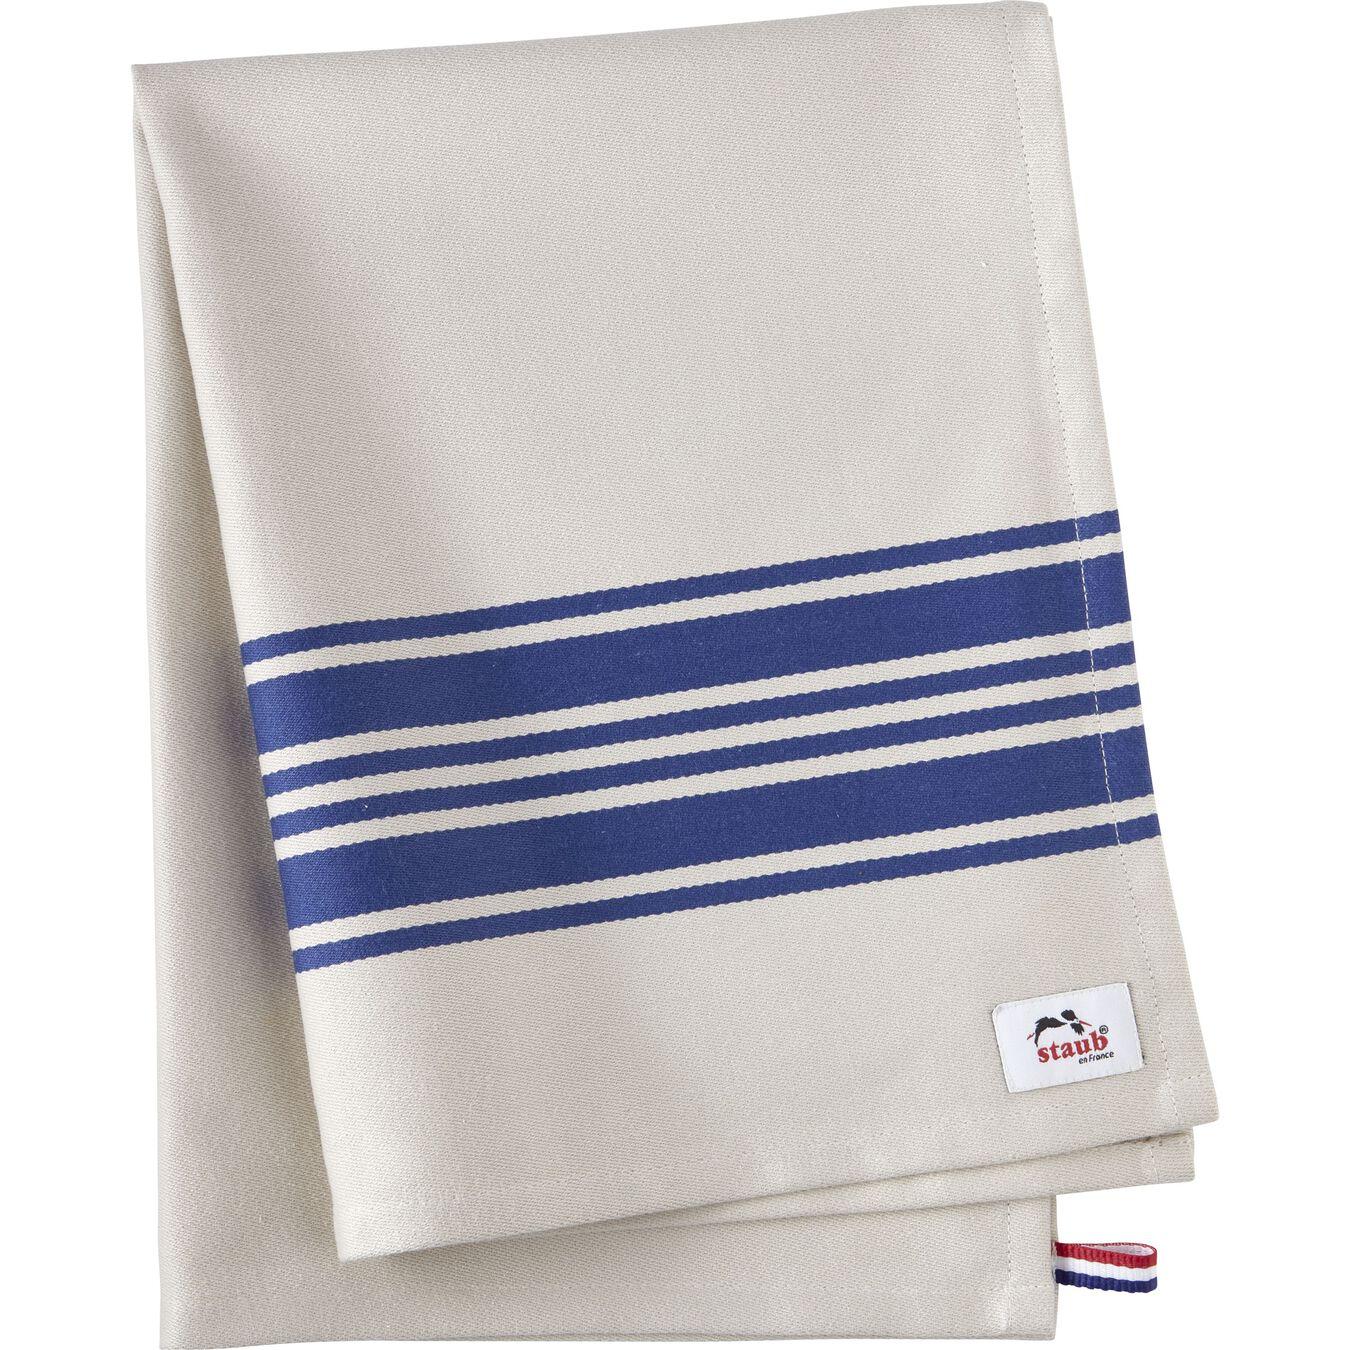 70 cm x 50 cm Cotton Kitchen towel, blue,,large 1